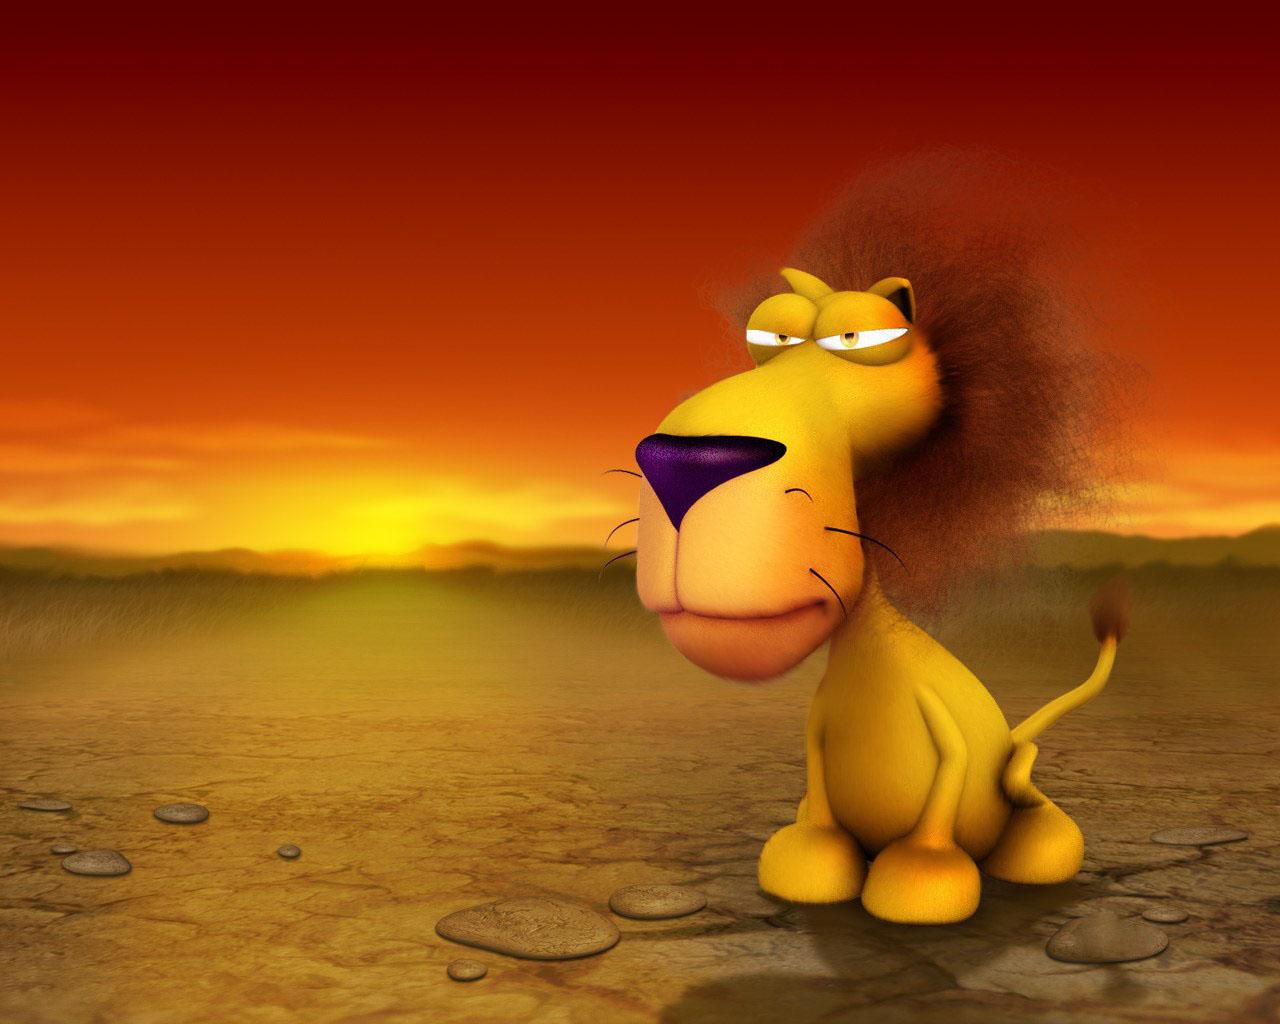 http://2.bp.blogspot.com/-S-myNL1MrWE/UJPcY0Eo8BI/AAAAAAAAAgs/RMmt5bUdp9M/s1600/3d-lion-windows-7-wallpaper_1280x1024_77908.jpg